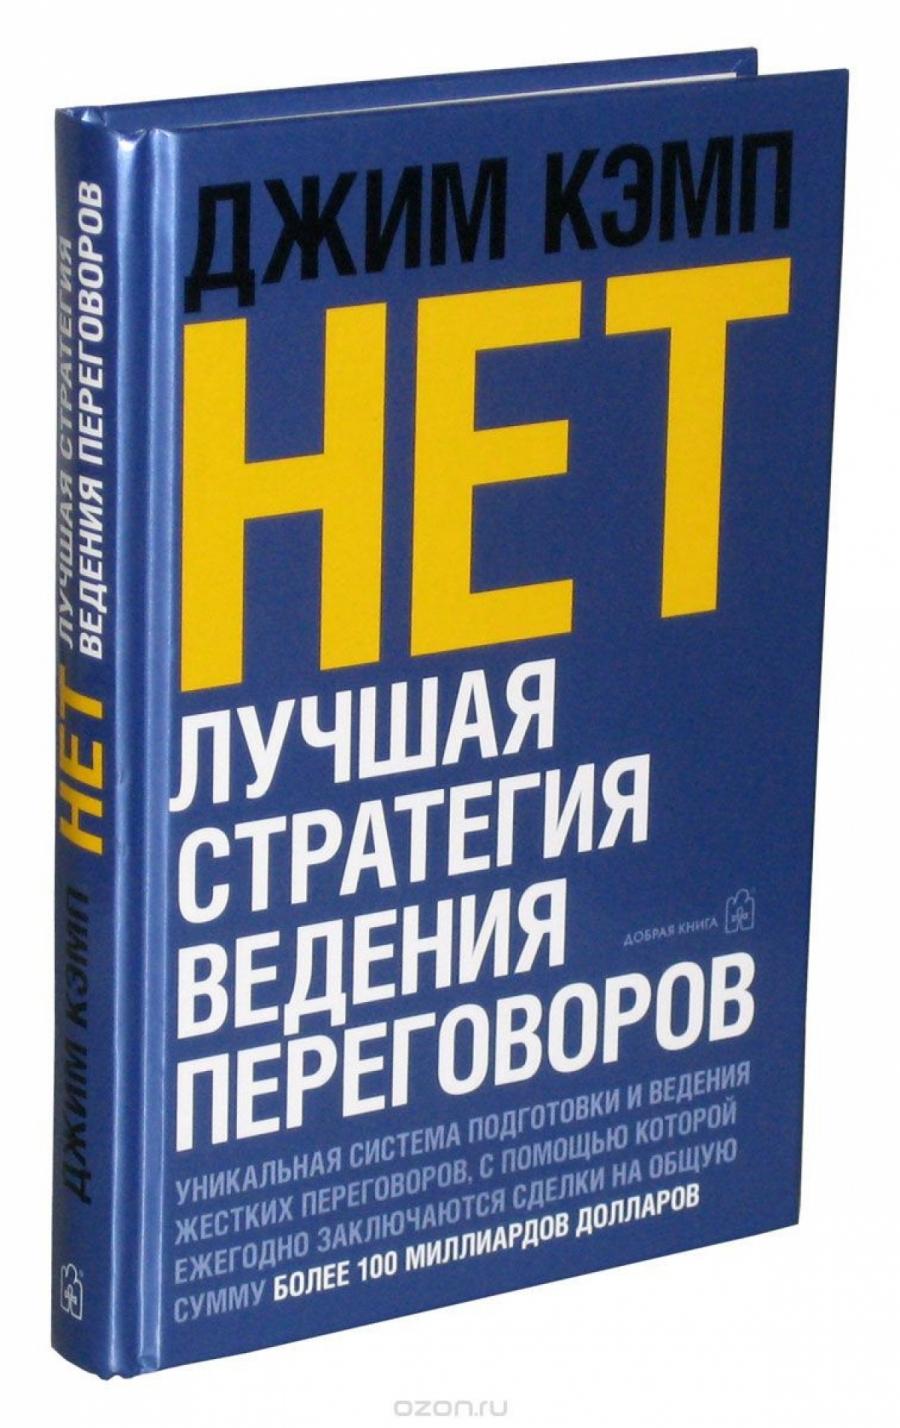 Обложка книги:  джим кэмп- нет. лучшая стратегия ведения переговоров